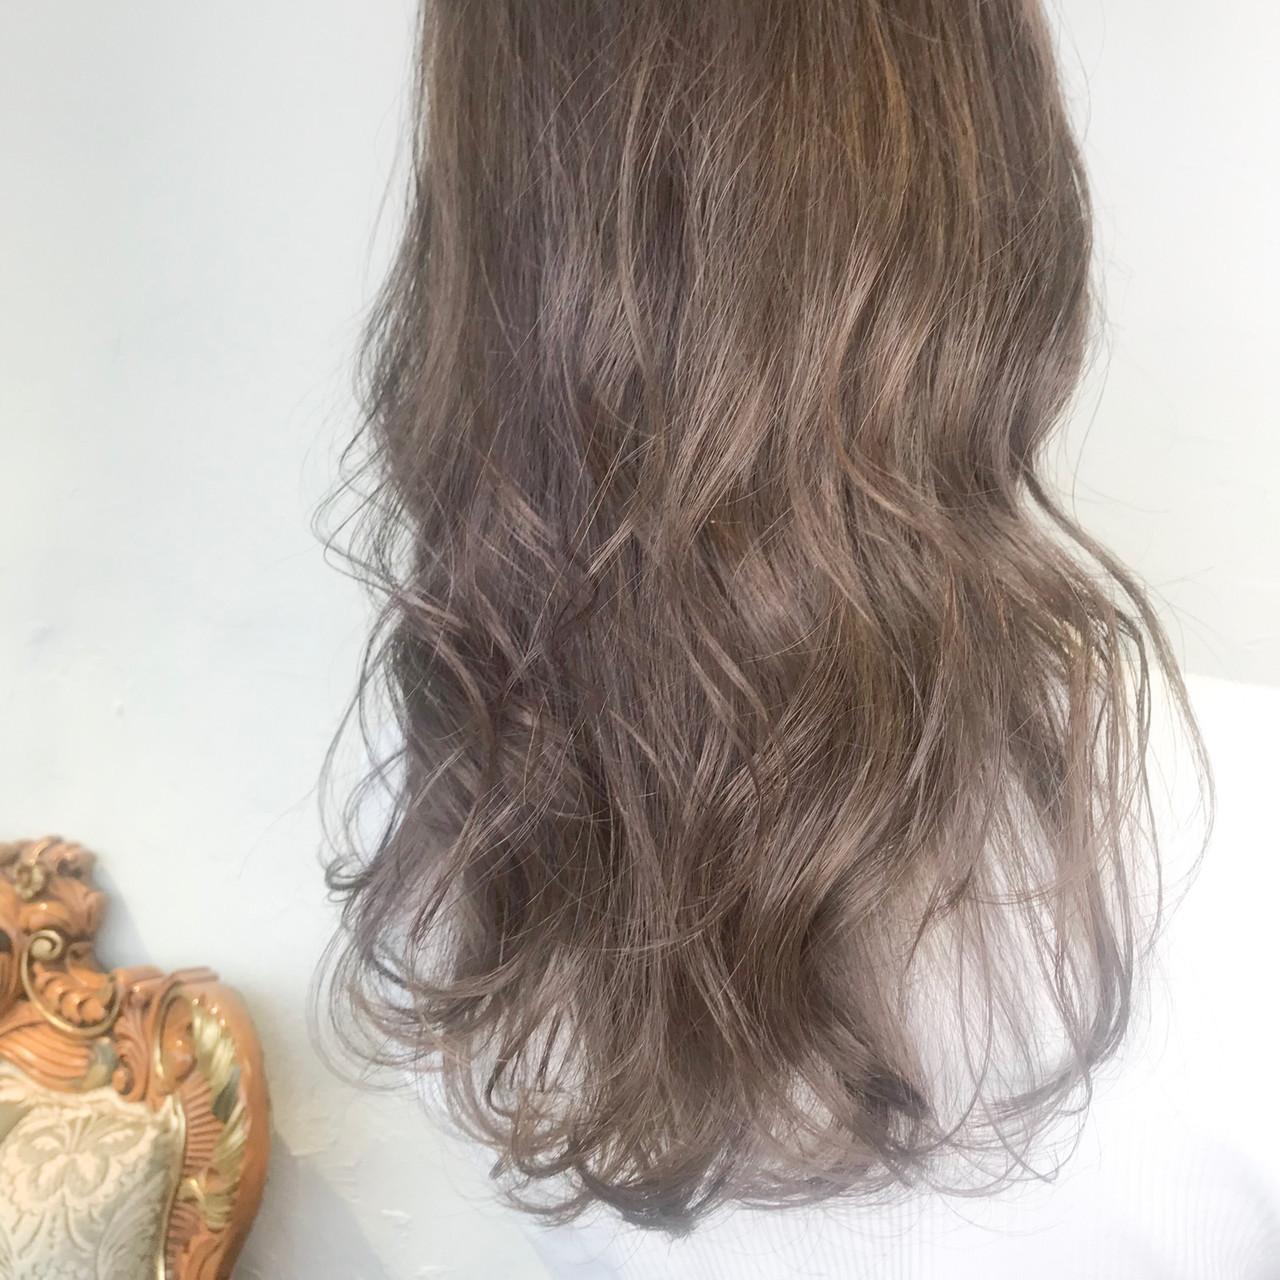 ショコラブラウン オレンジベージュ シナモンベージュ ナチュラル ヘアスタイルや髪型の写真・画像